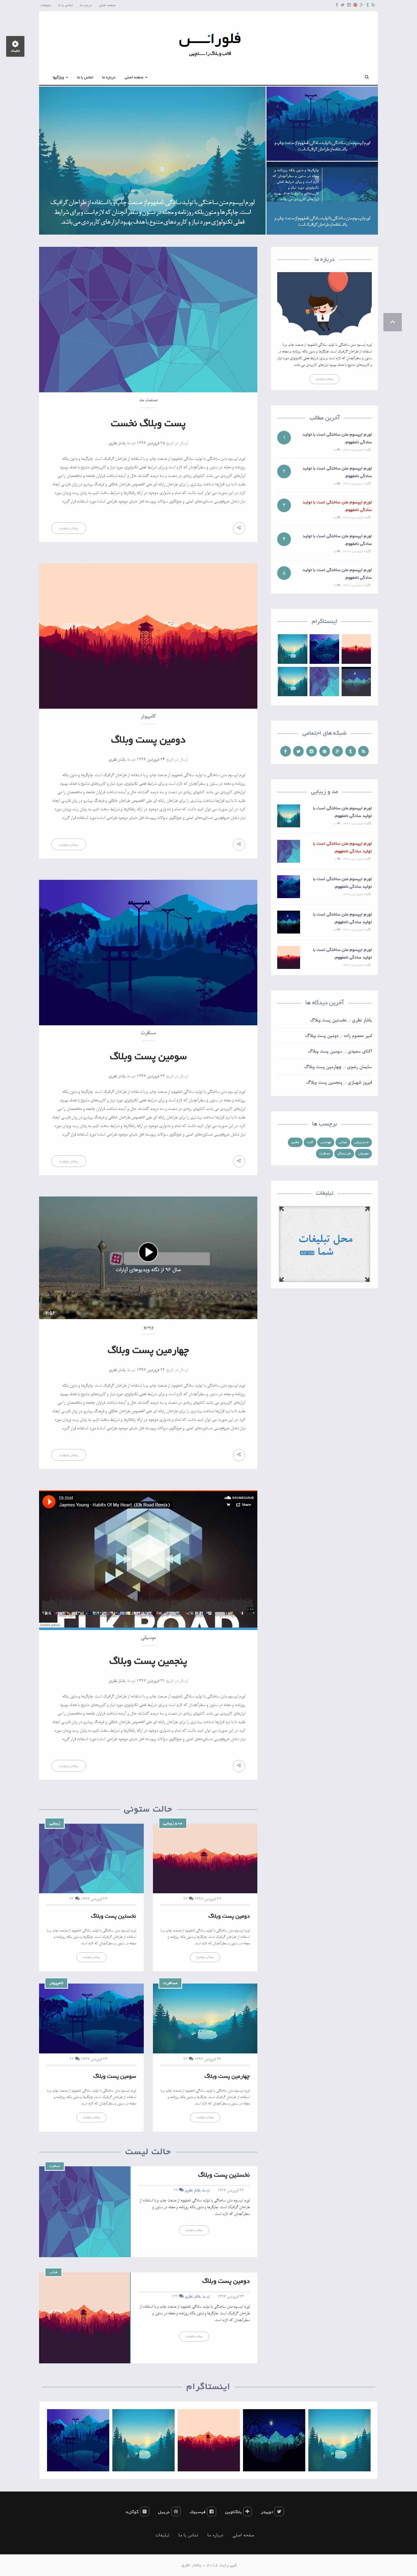 قالب Firenze | قالب فلورانس قالب HTML شخصی فلورانس ریسپانسیو کاملا فارسی